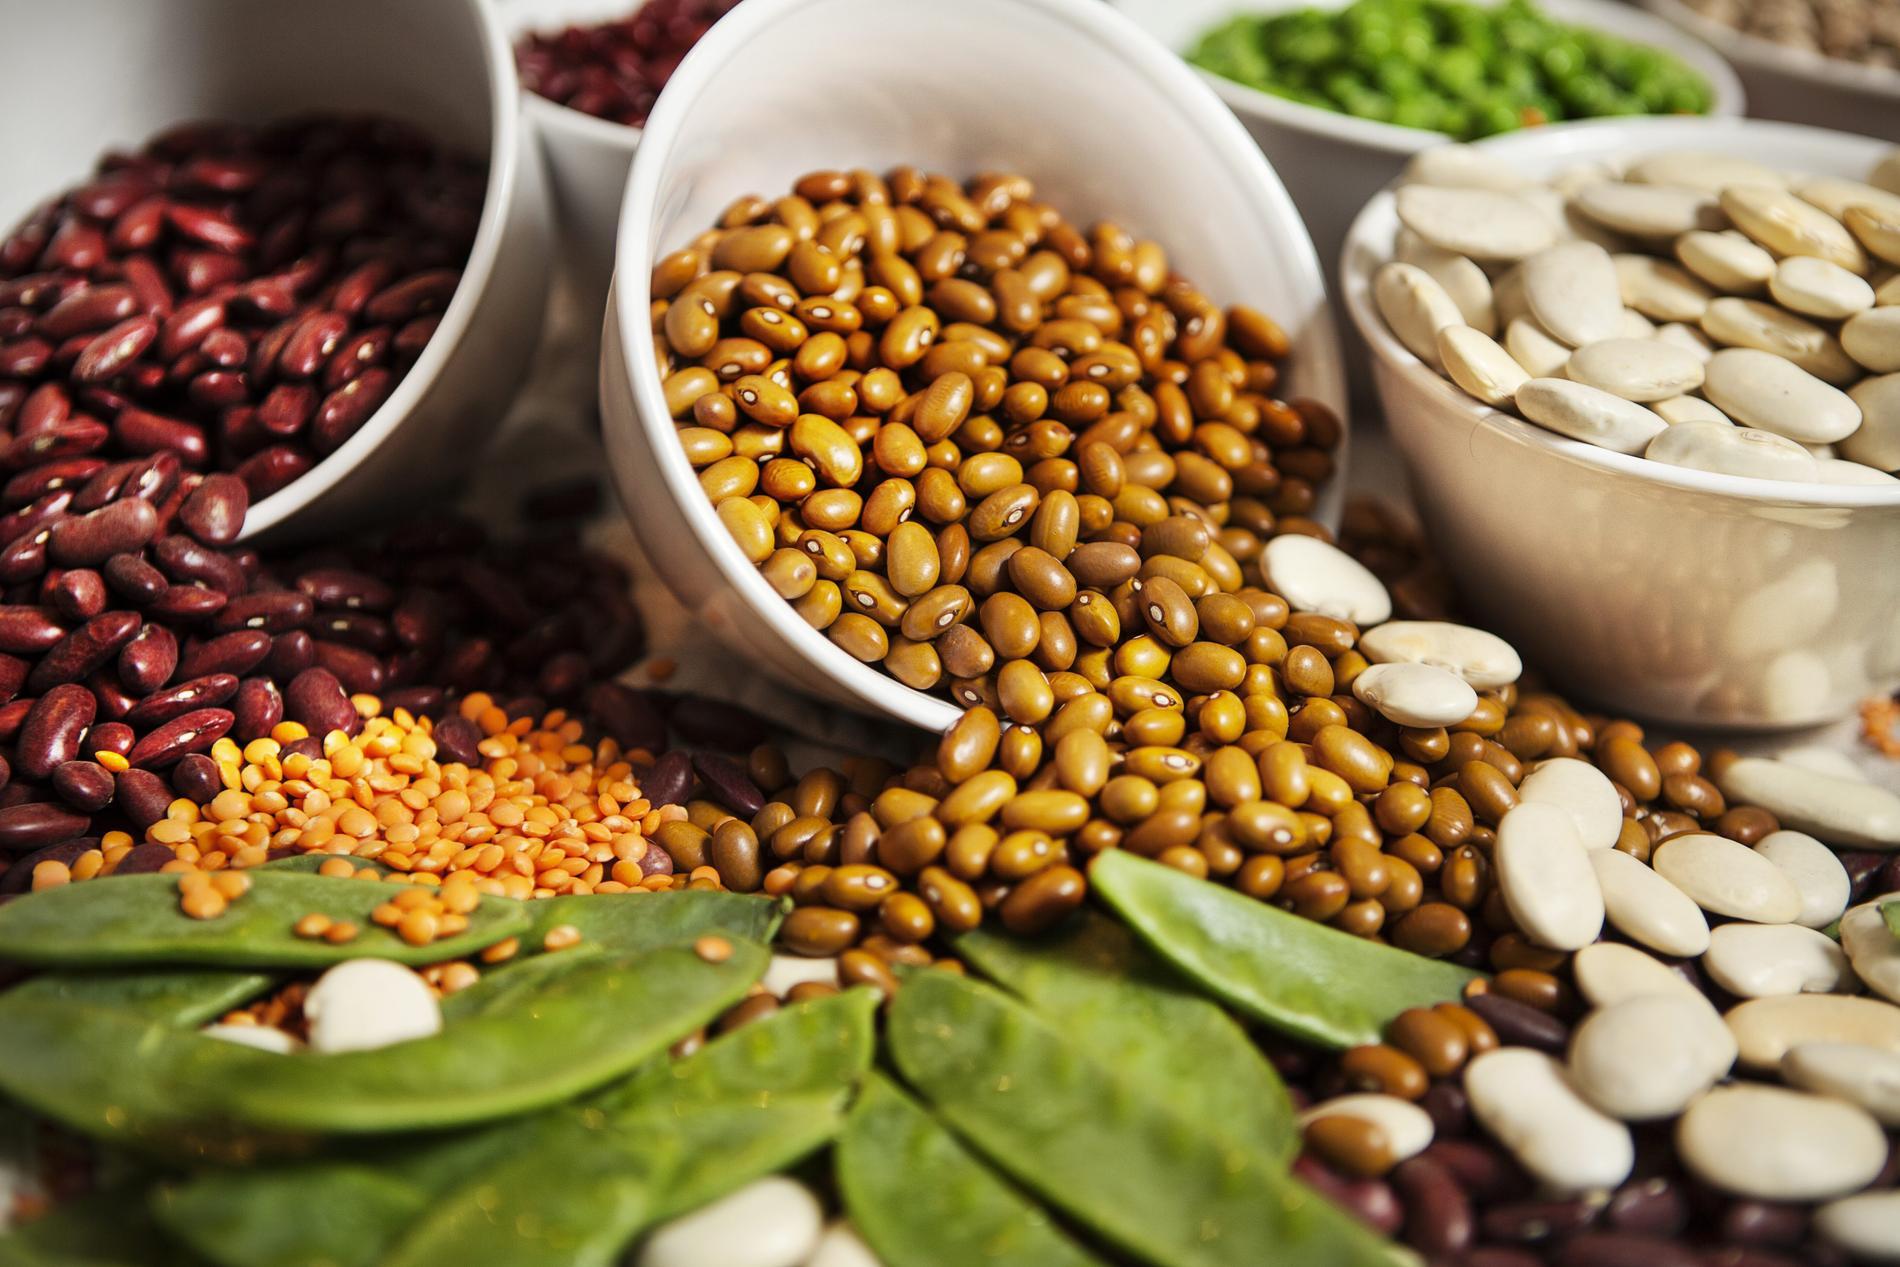 Baljväxter som bönor, linser och ärtor är mat som är både nyttig och klimatsmart.